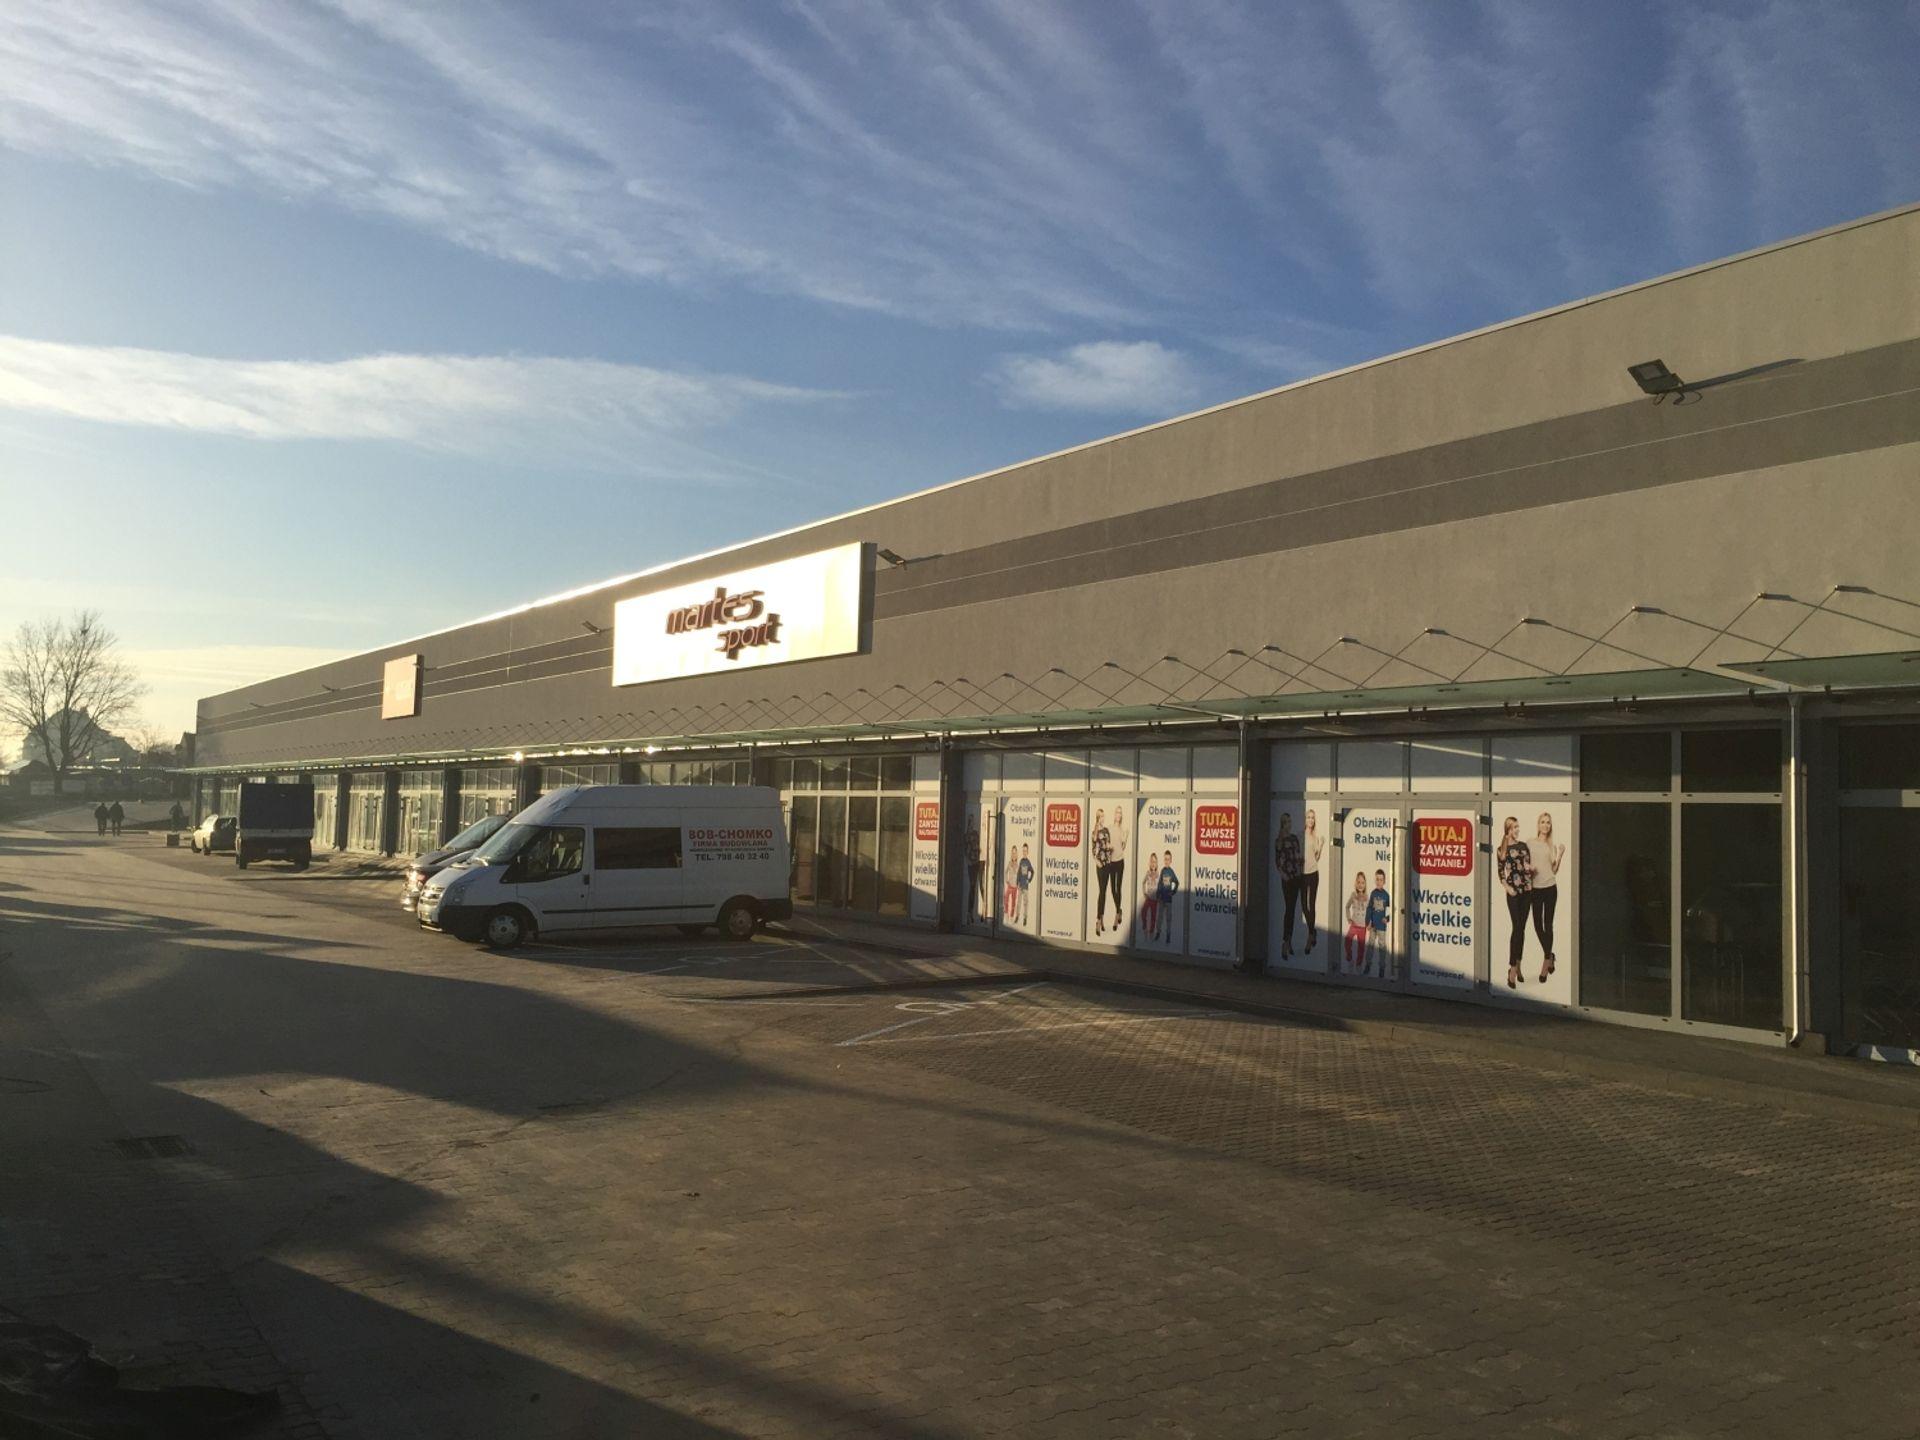 [warmińsko-mazurskie] Galeria handlowa Karuzela w Mrągowie otwiera się 16 grudnia